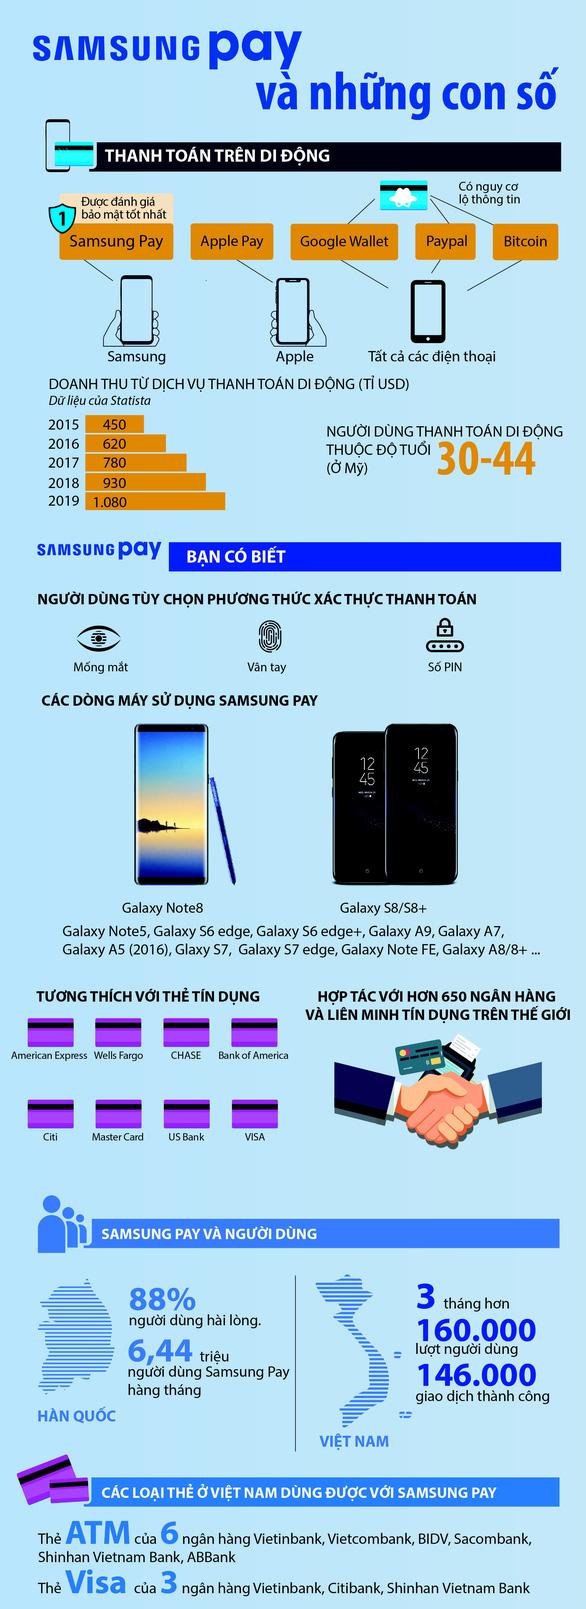 Samsung Pay và những con số - Ảnh 1.